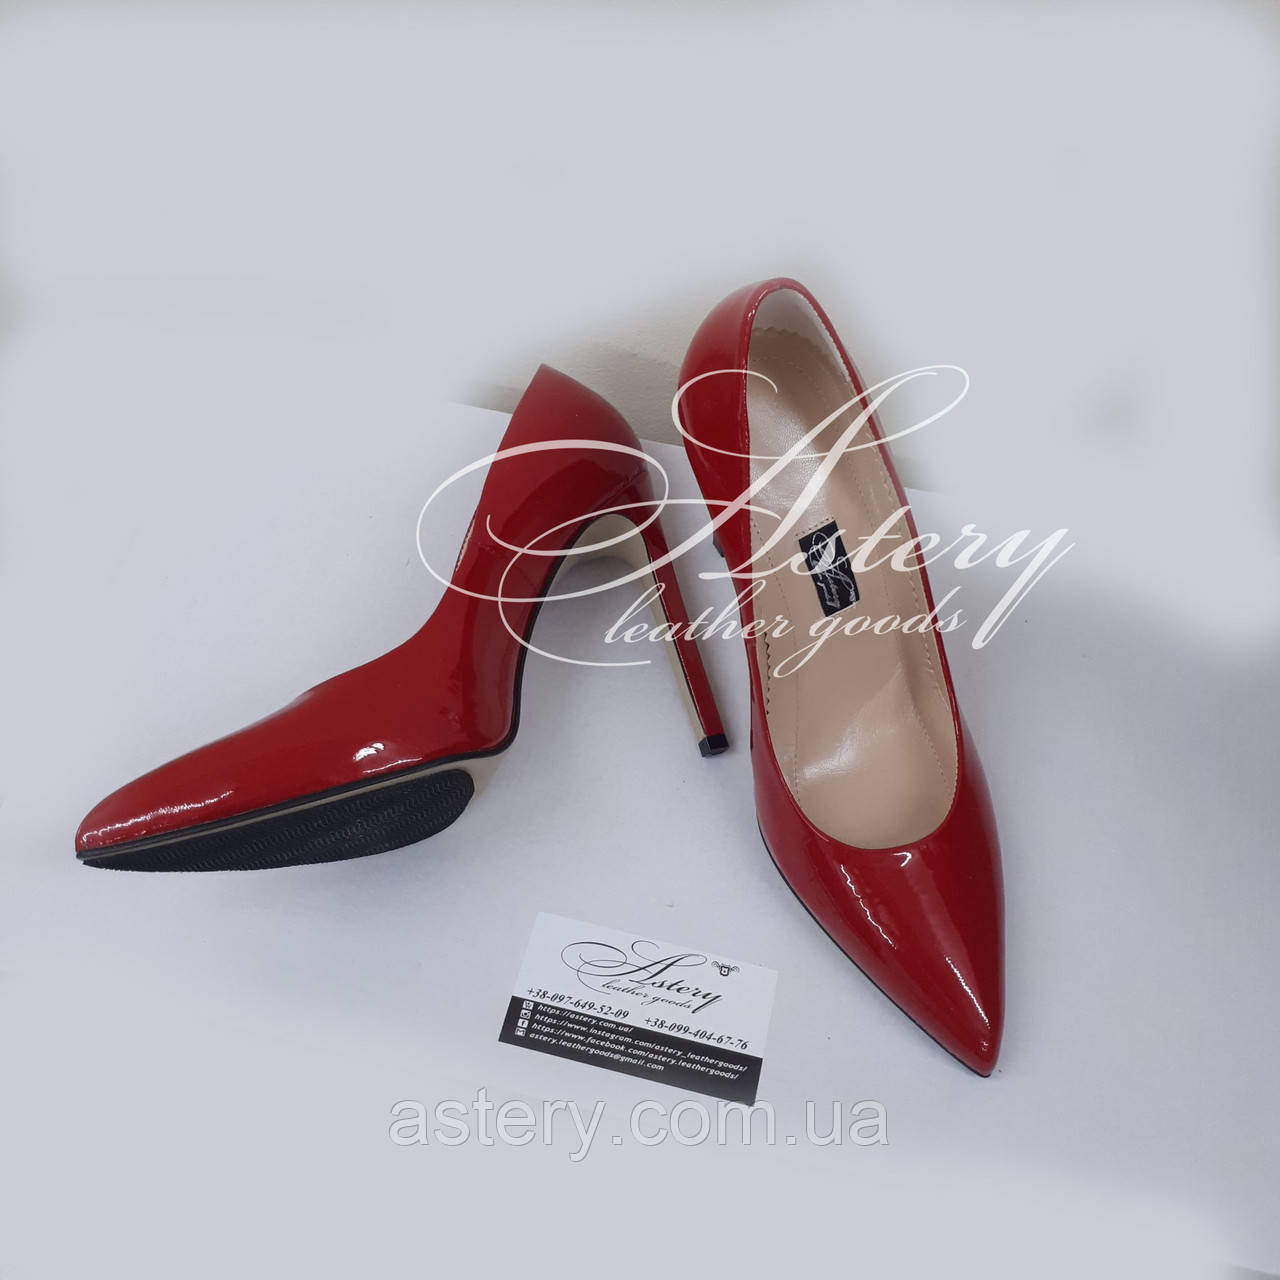 6fbb01cd8 Женские красные лаковые туфли на шпильке, цена 3 580 грн./пара, купить в  Киеве — Prom.ua (ID#679327447)